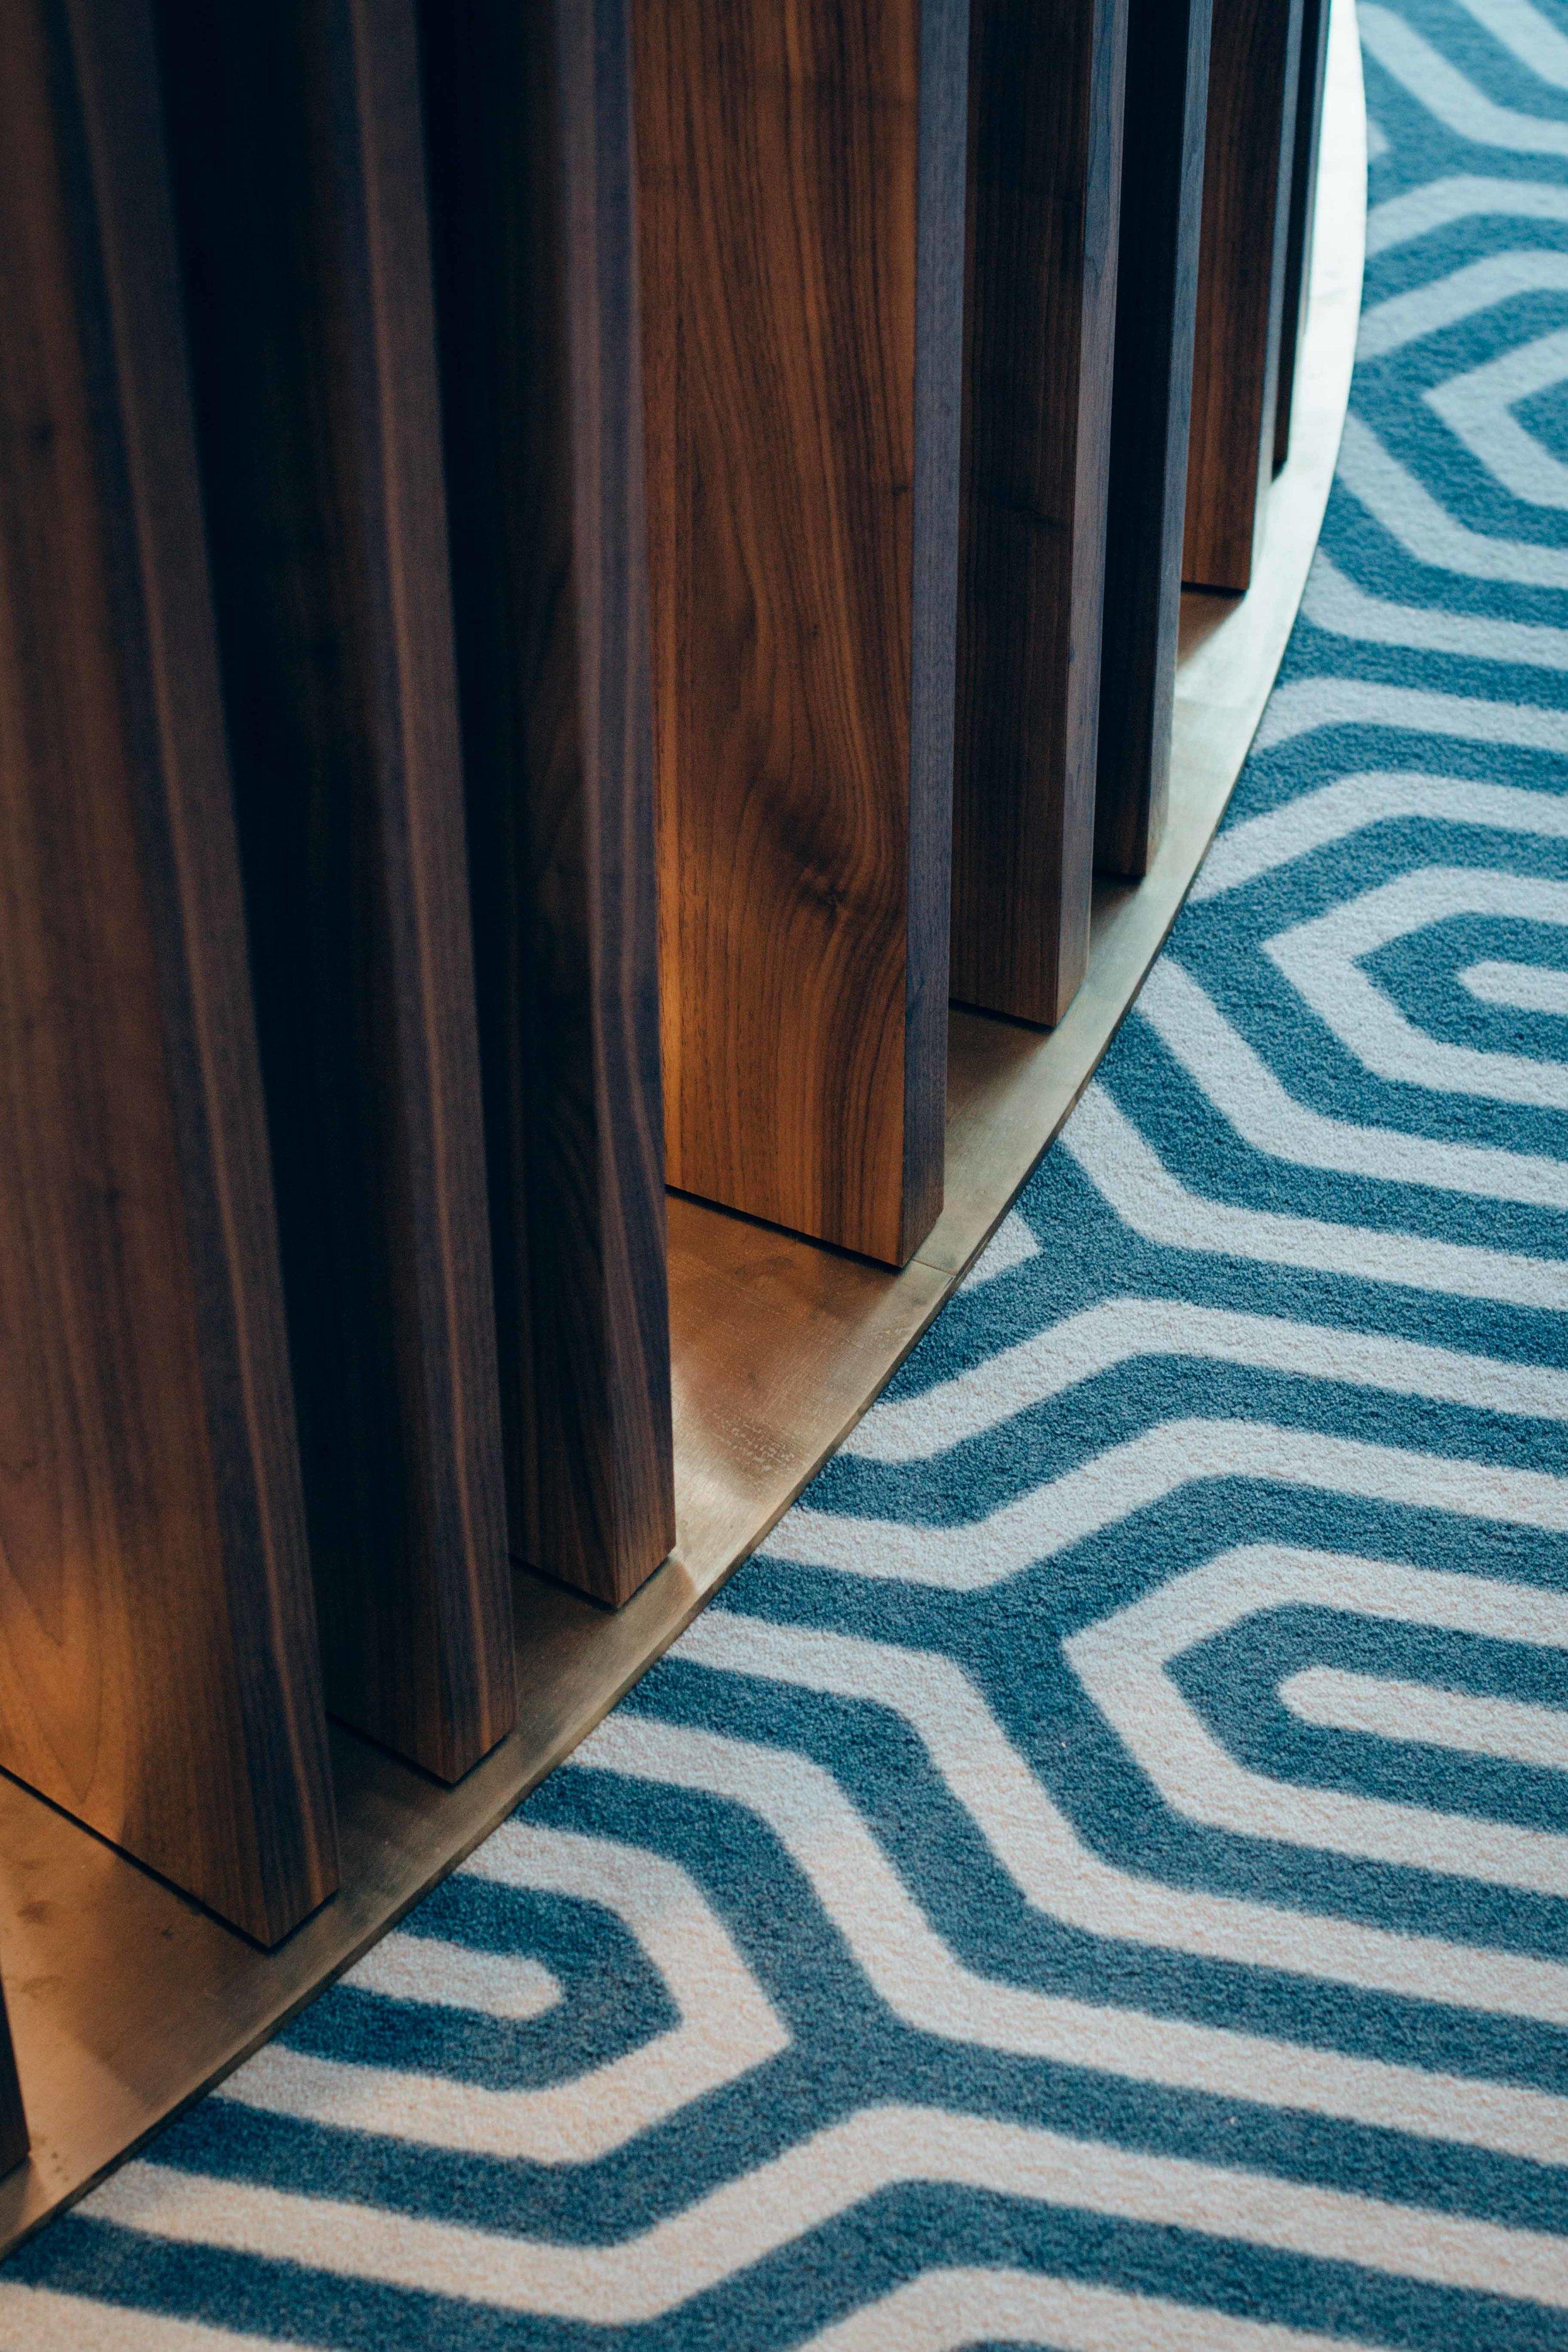 Supportive Housing 'Le Val de Lasne'  - Restaurant - Brushed brass detail and Ege carpet printed on dimension / Détail en laiton brossé et tapis Ege imprimé sur mesure